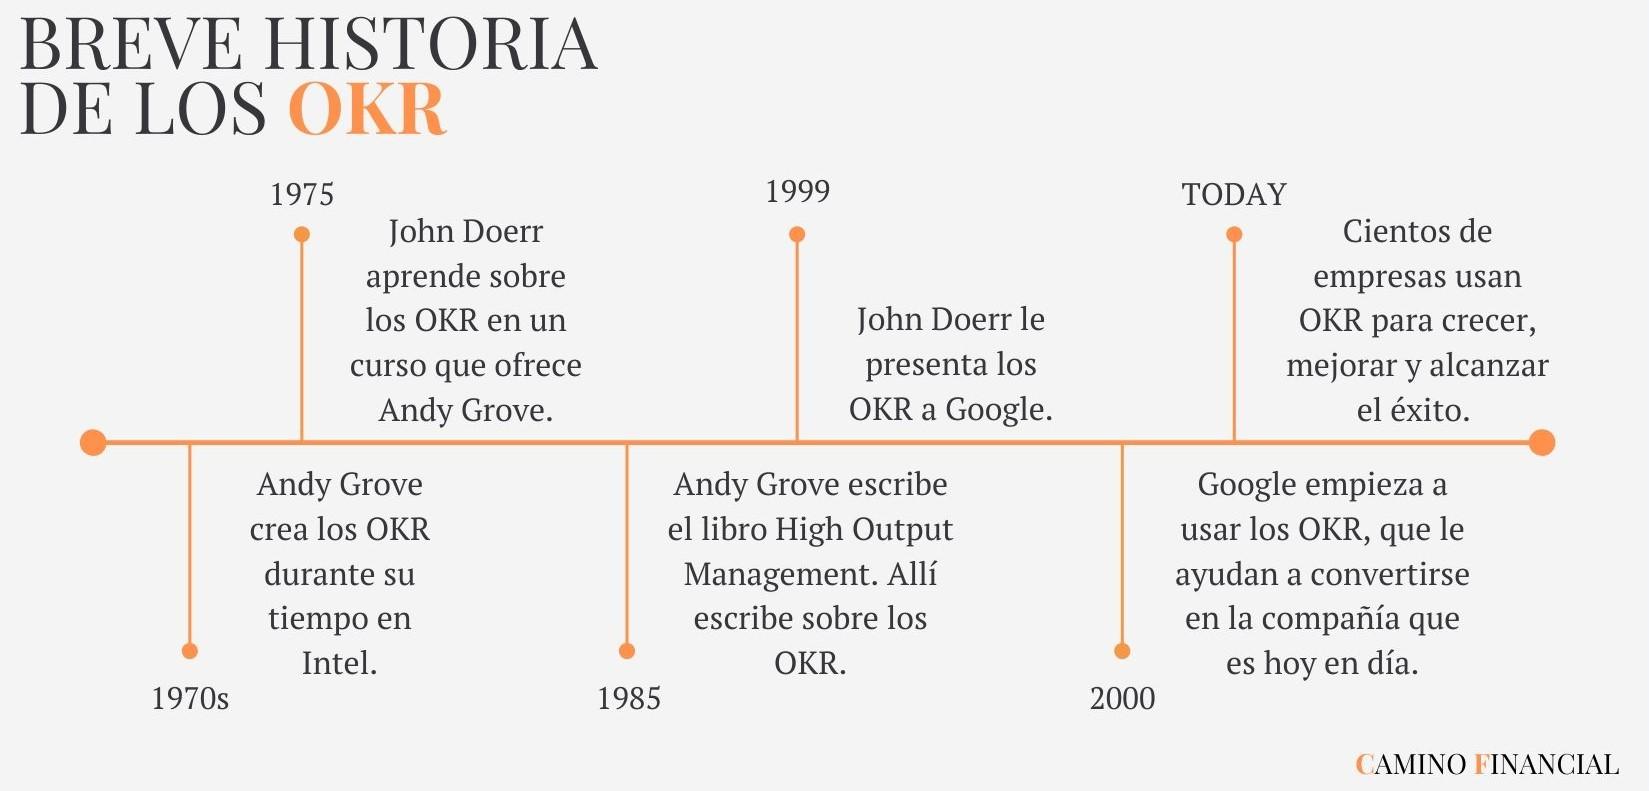 La historia de los OKR